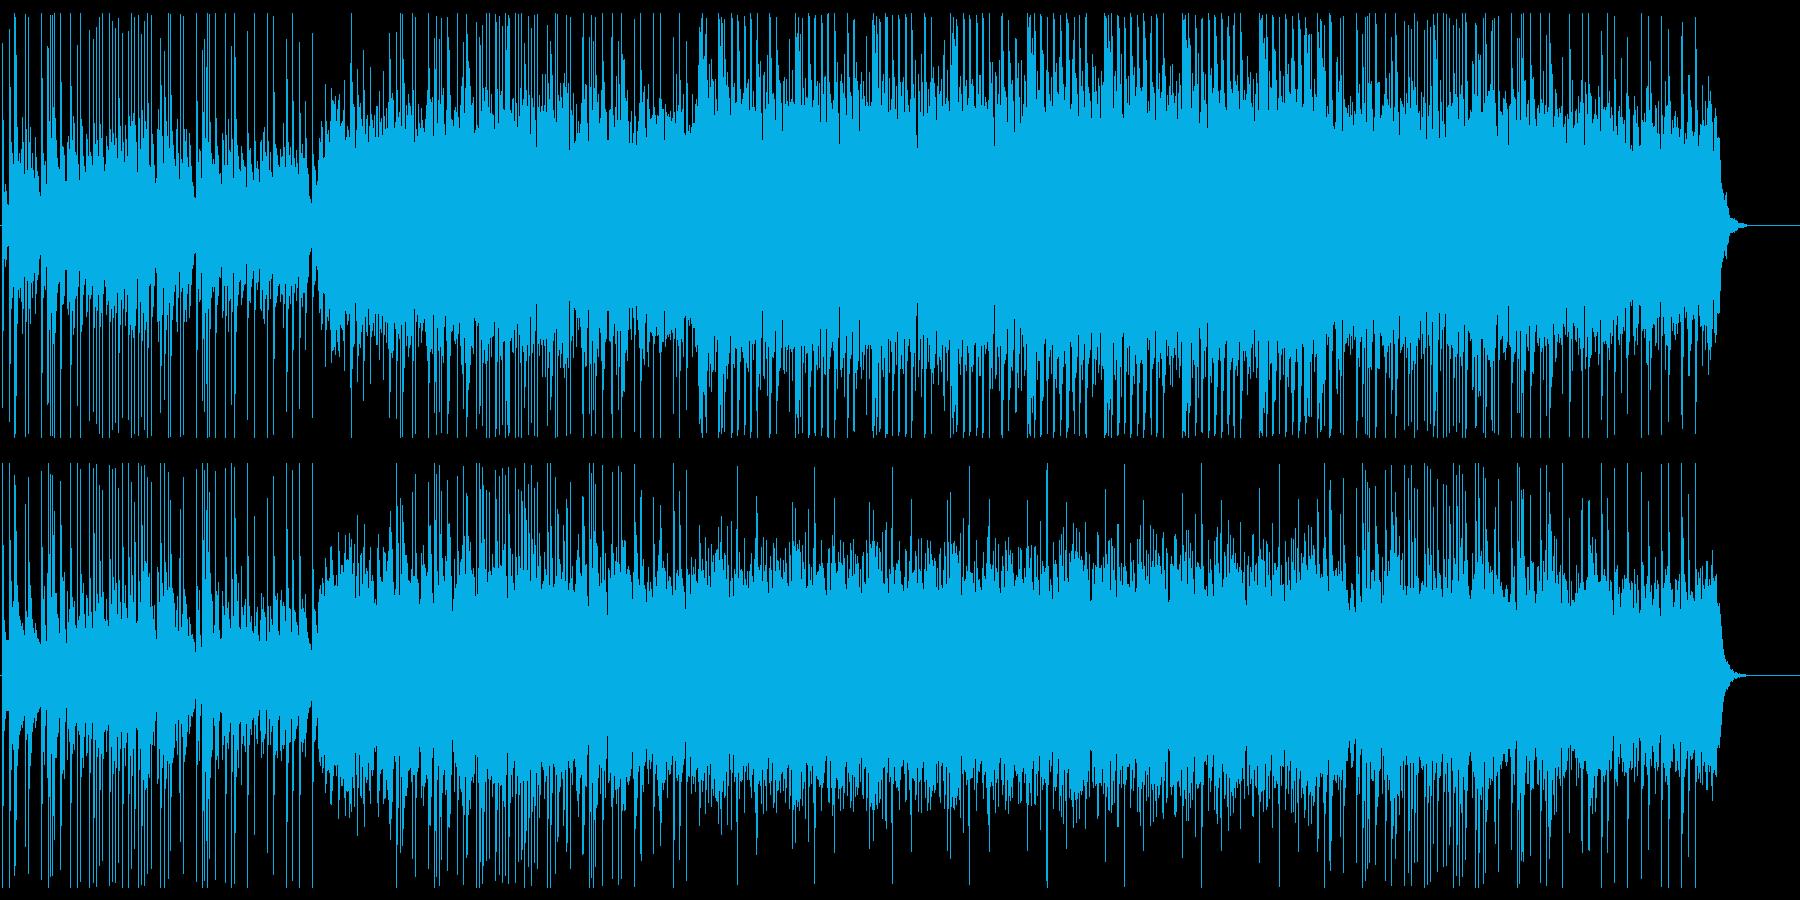 ファンタジーな弦楽器シンセサウンドの再生済みの波形